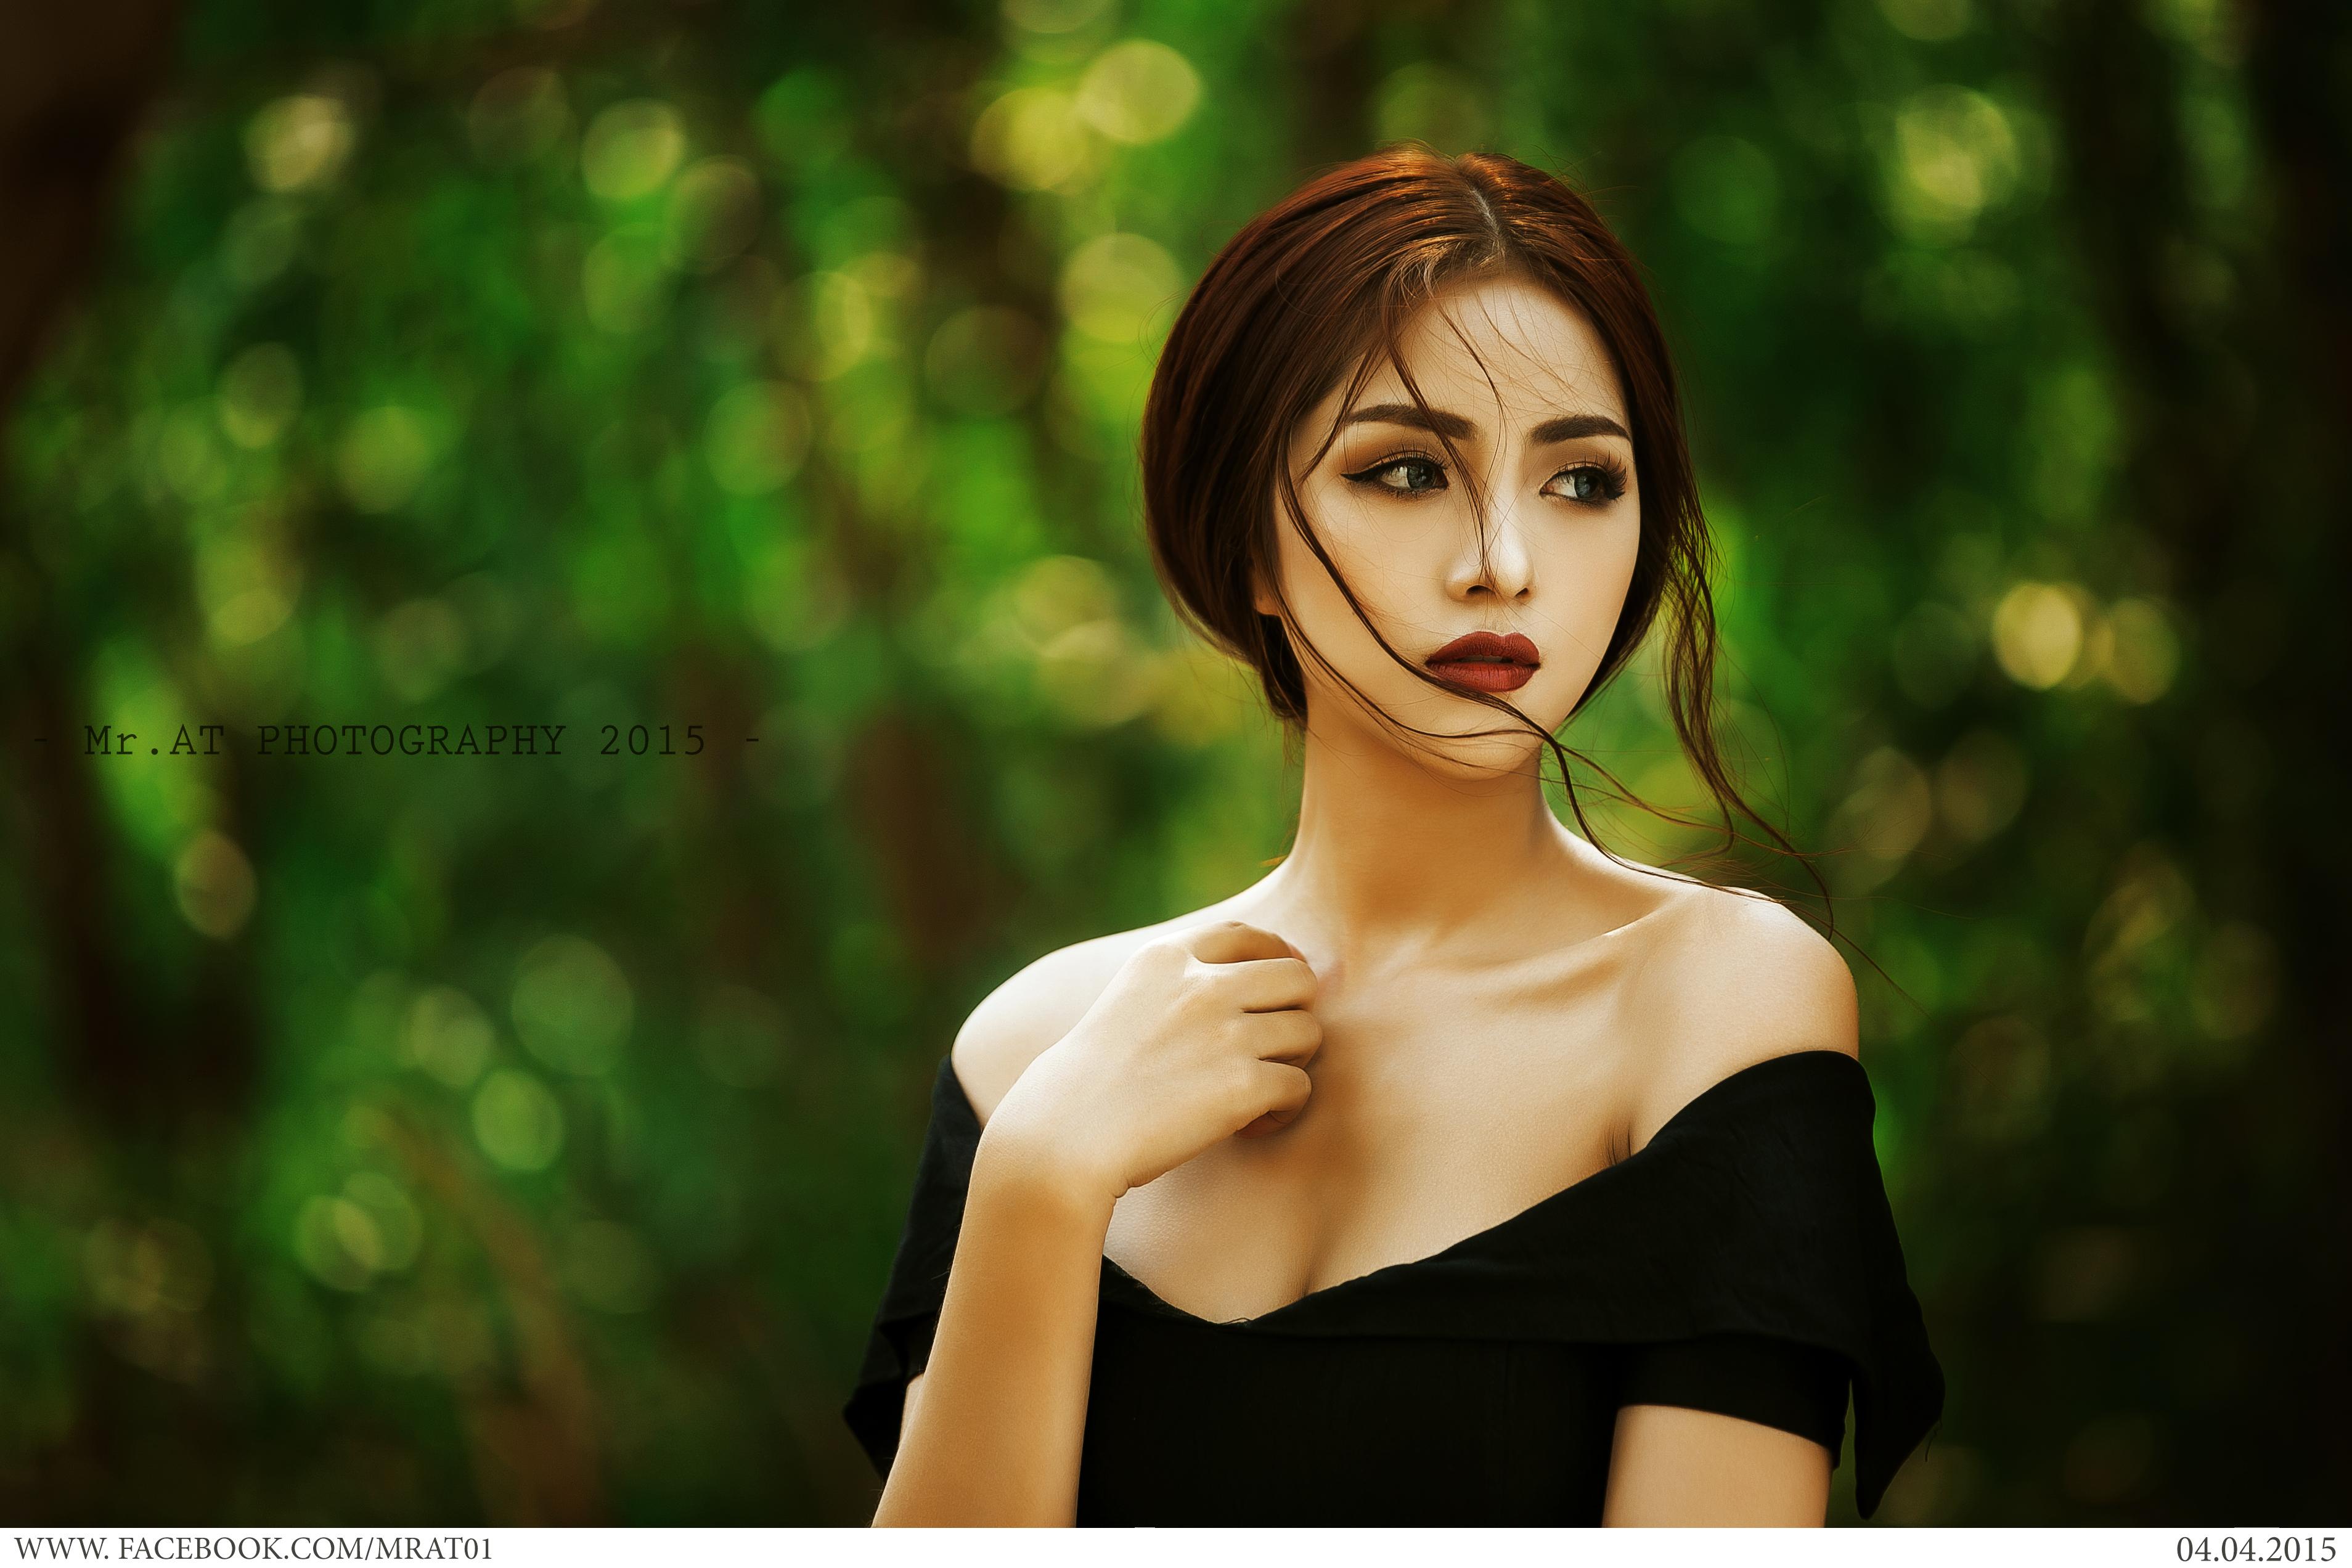 Images of Mai Ánh Quyên | 3816x2544